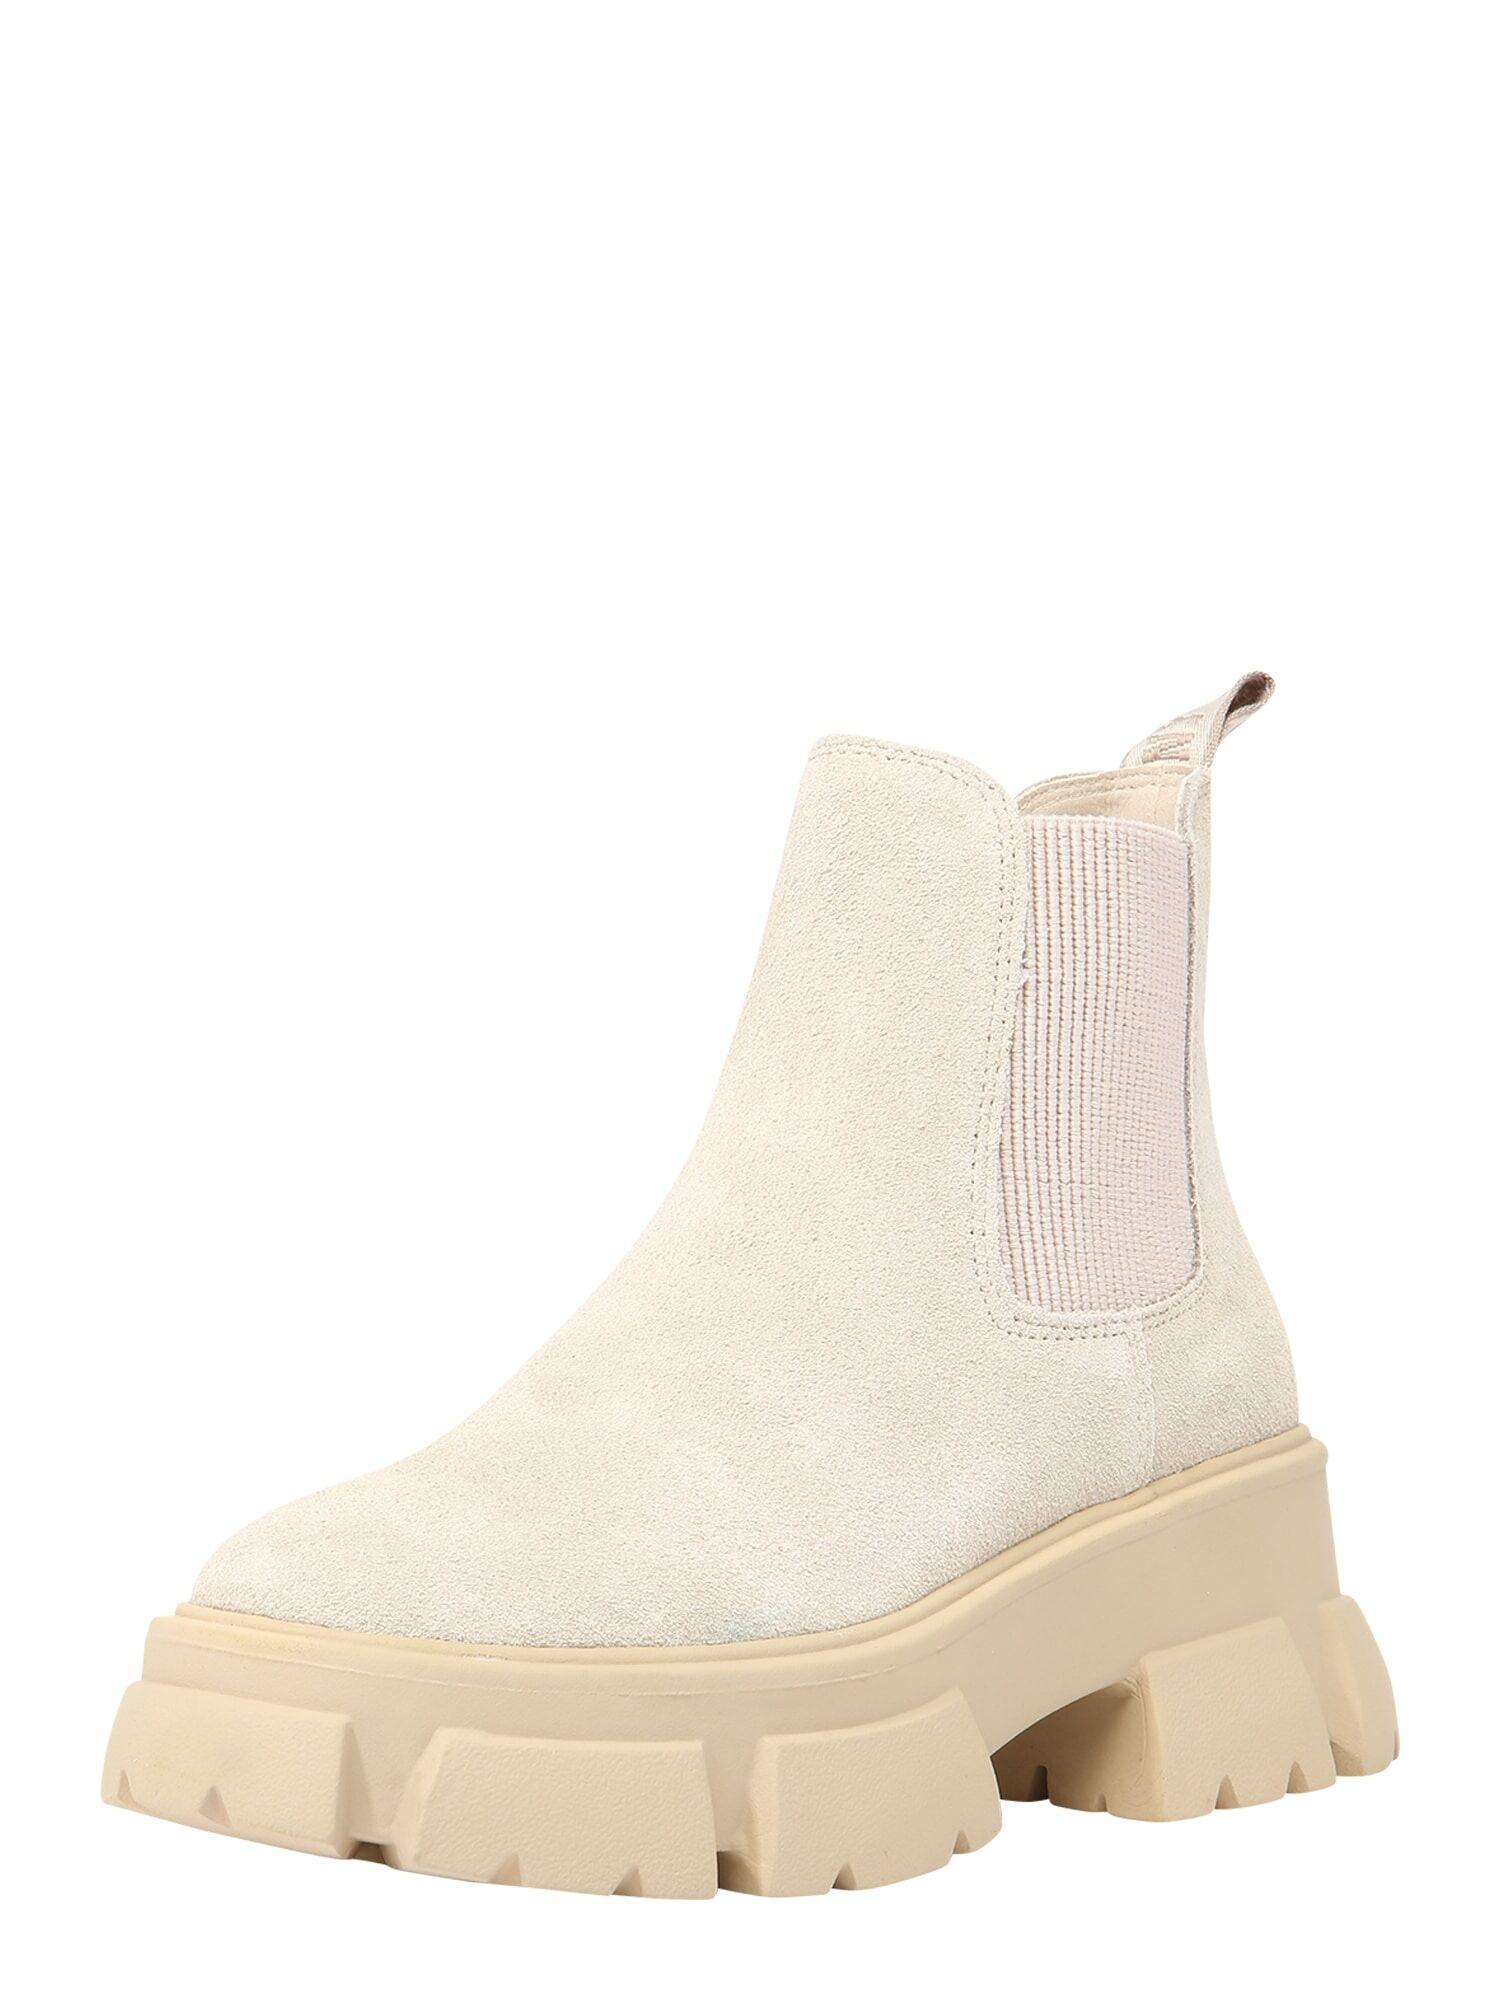 STEVE MADDEN Chelsea Boots 'TUSK'  - Beige - Taille: 36 - female